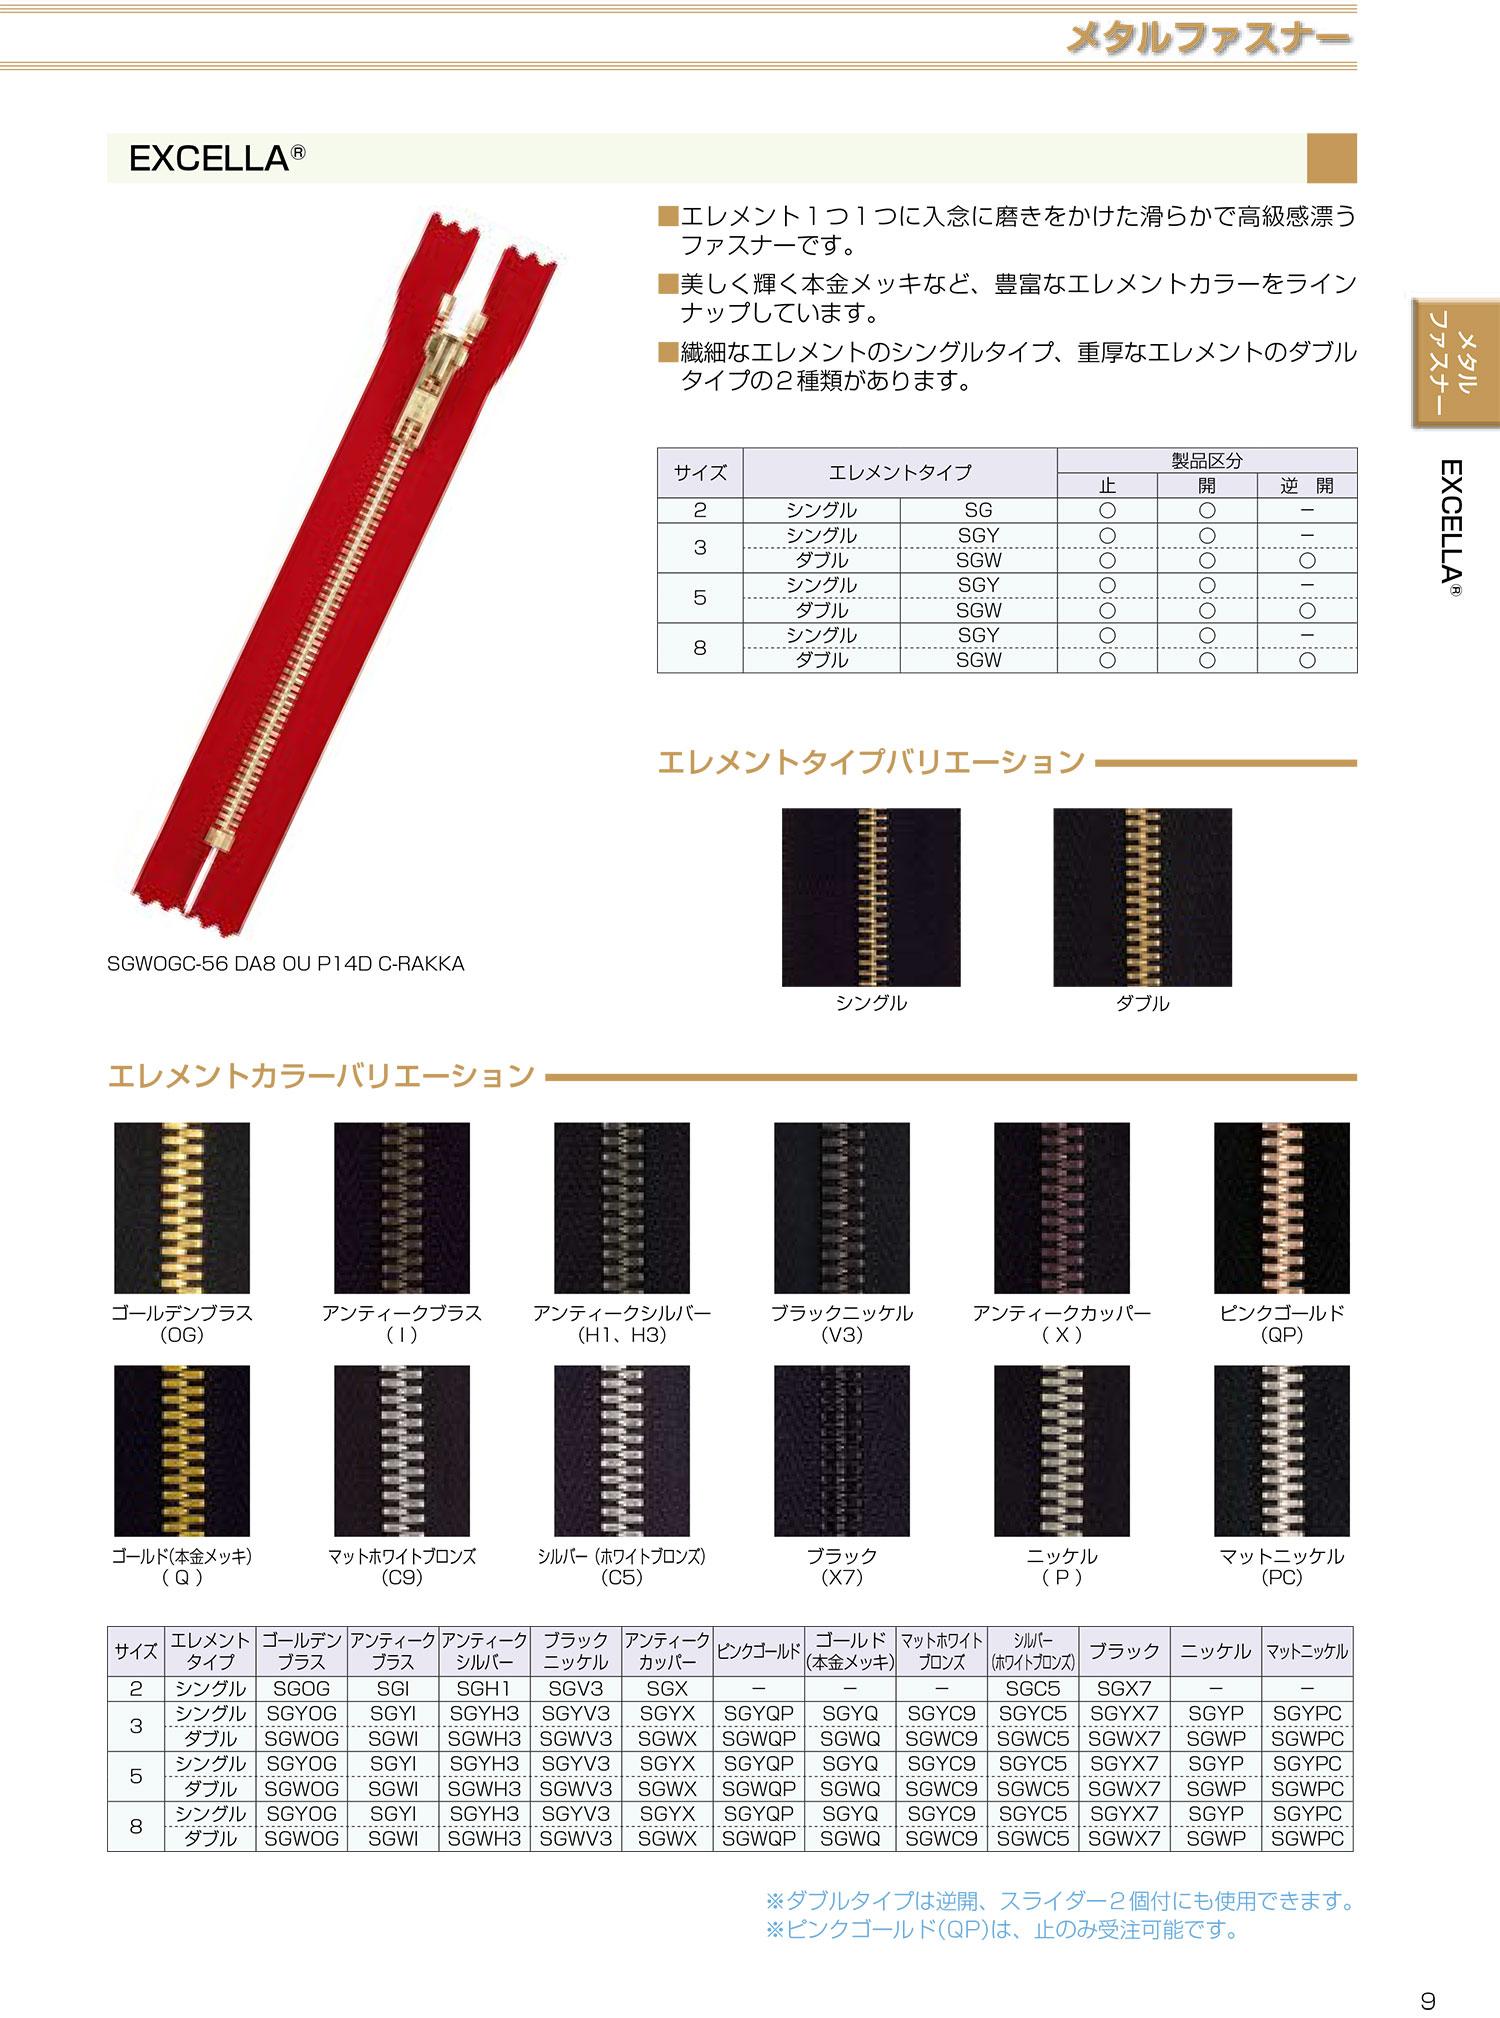 5SGWOGC エクセラ 5サイズ ゴールデンブラス 止め ダブル[ファスナー] YKK/オークラ商事 - ApparelX アパレル資材卸通販